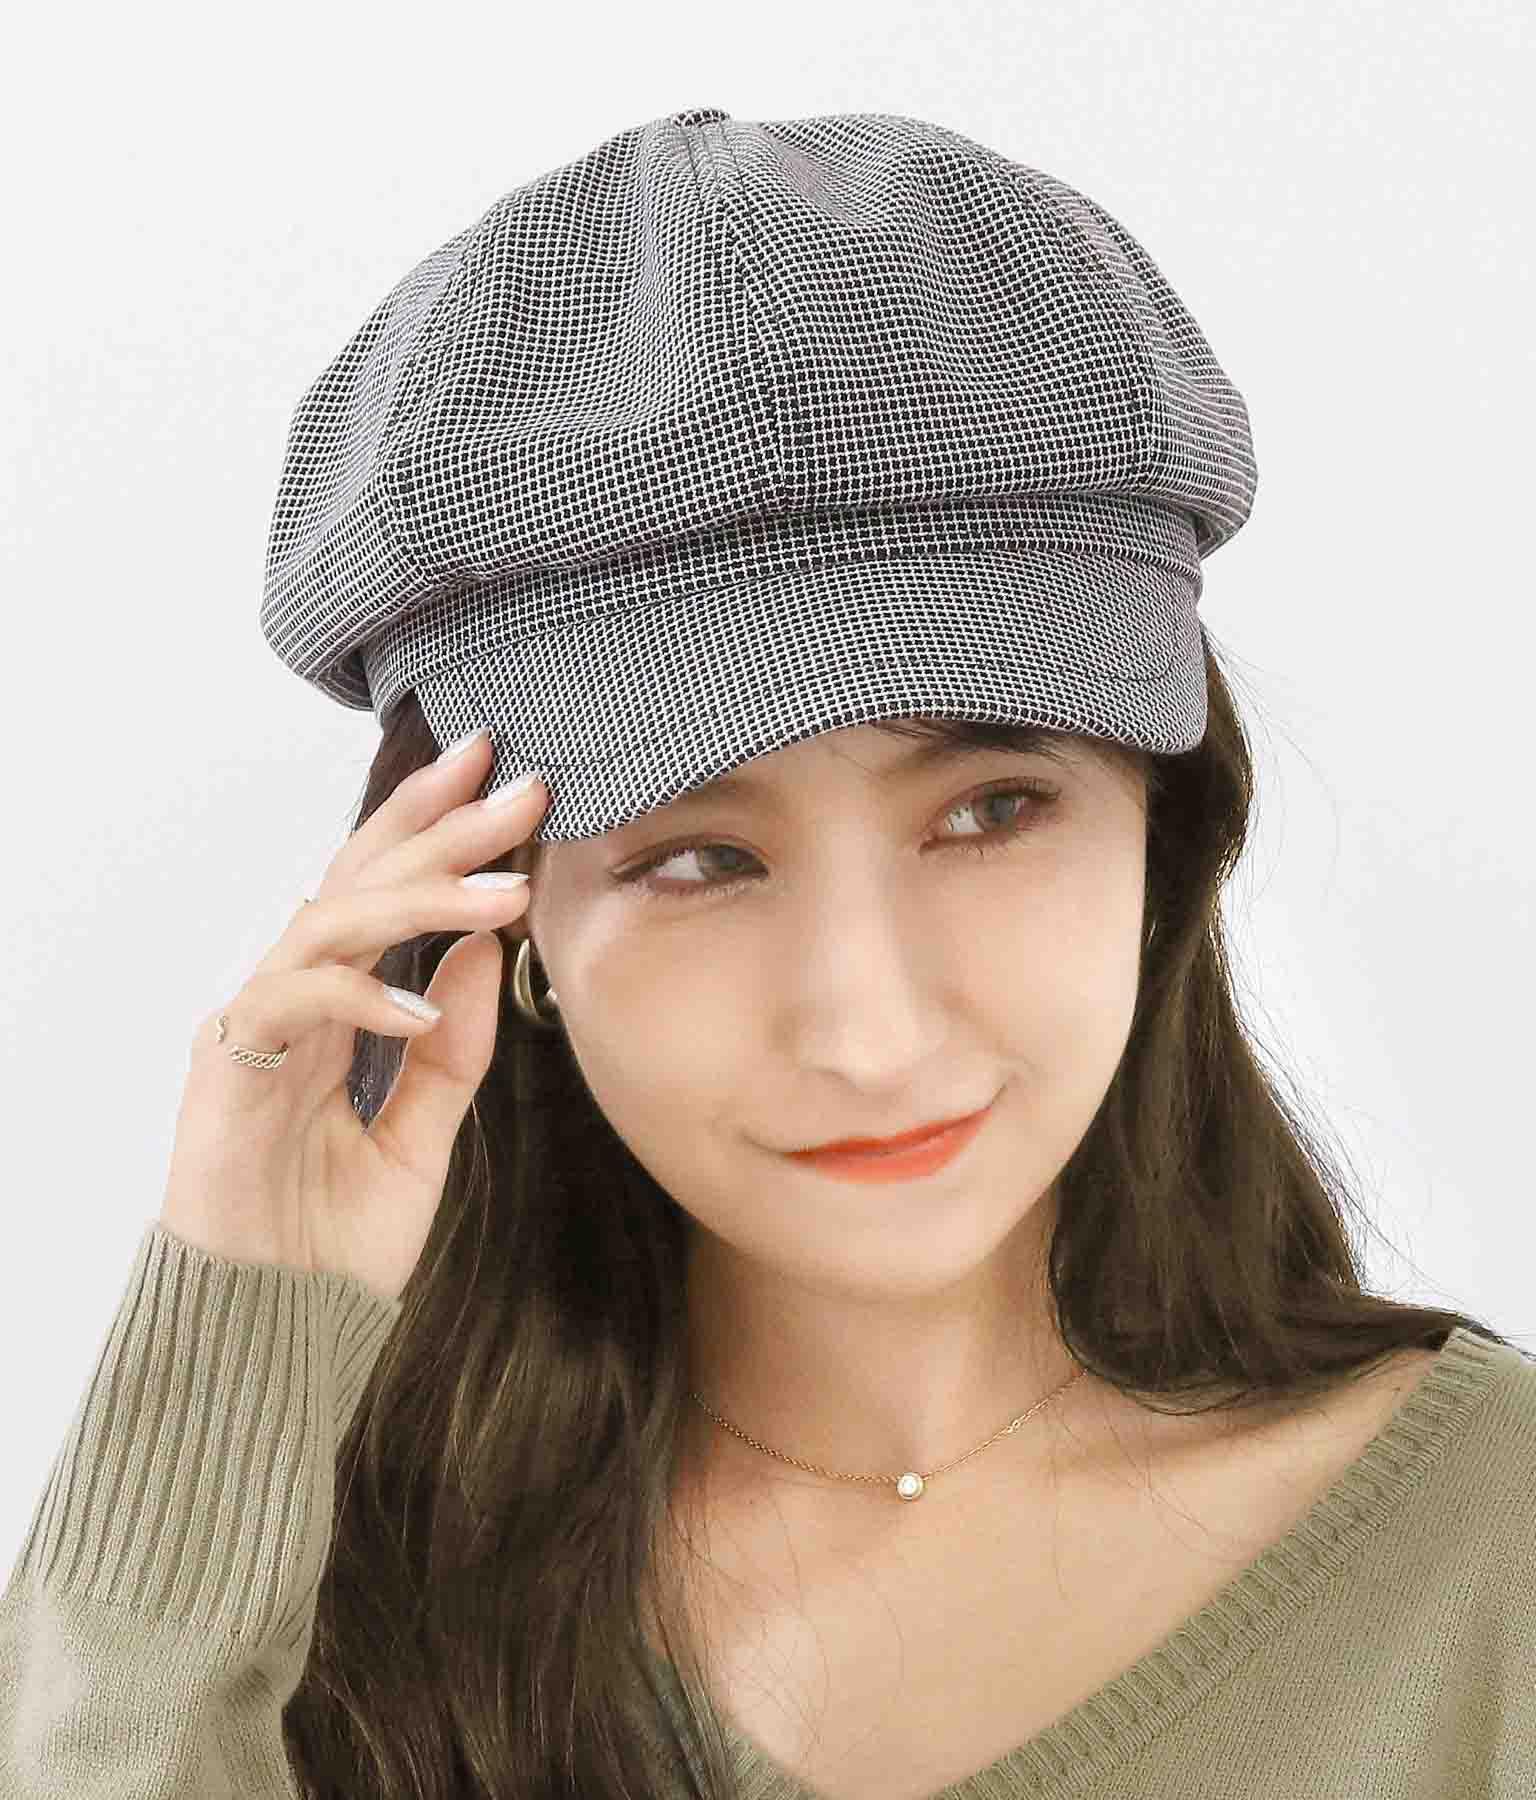 チェック柄キャスケット(ファッション雑貨/ハット・キャップ・ニット帽 ・キャスケット・ベレー帽) | CHILLE